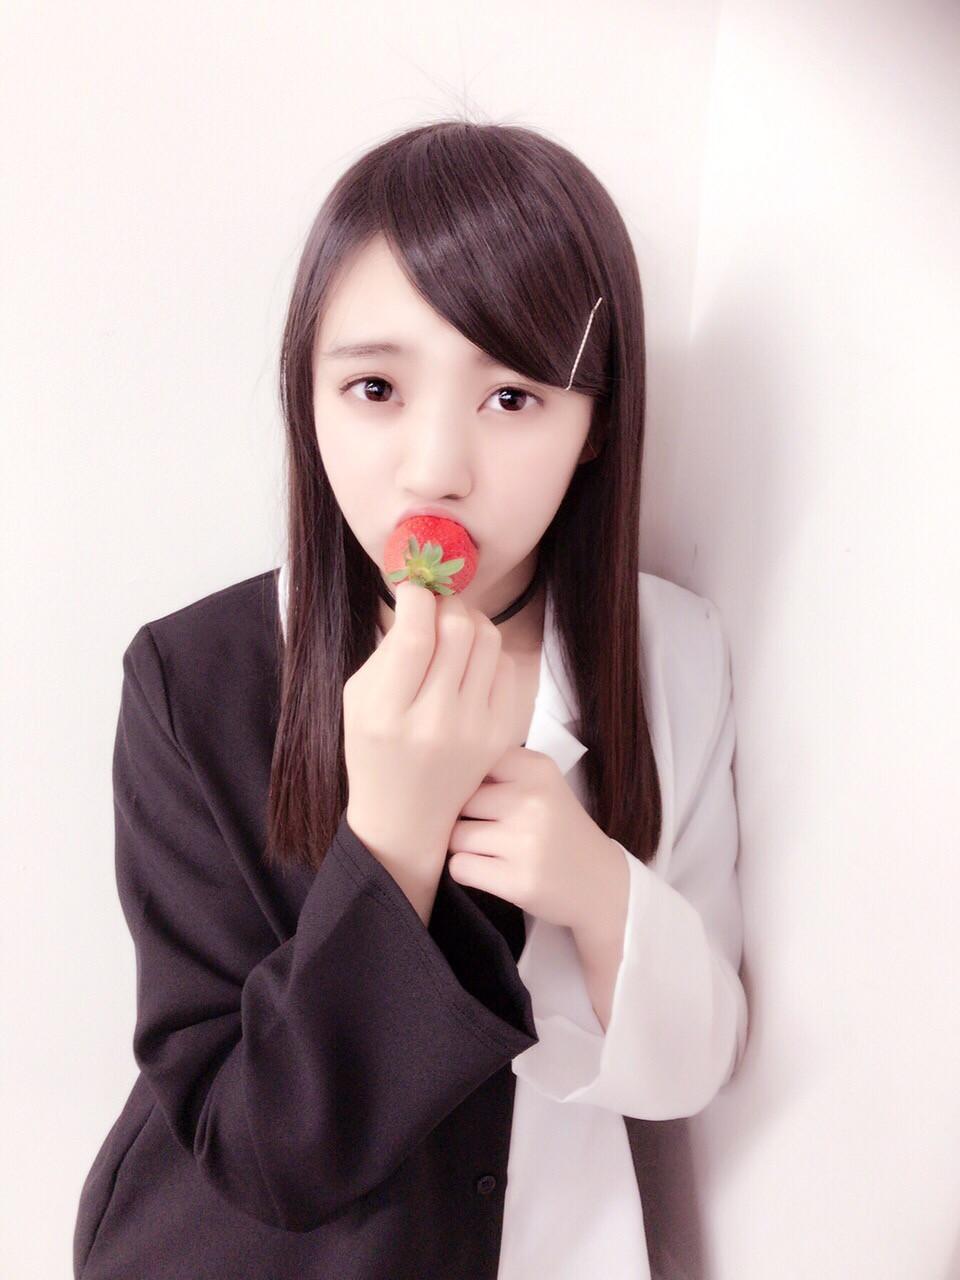 イチゴを食べながらこちらを見ている小林由依のセクシー画像♪